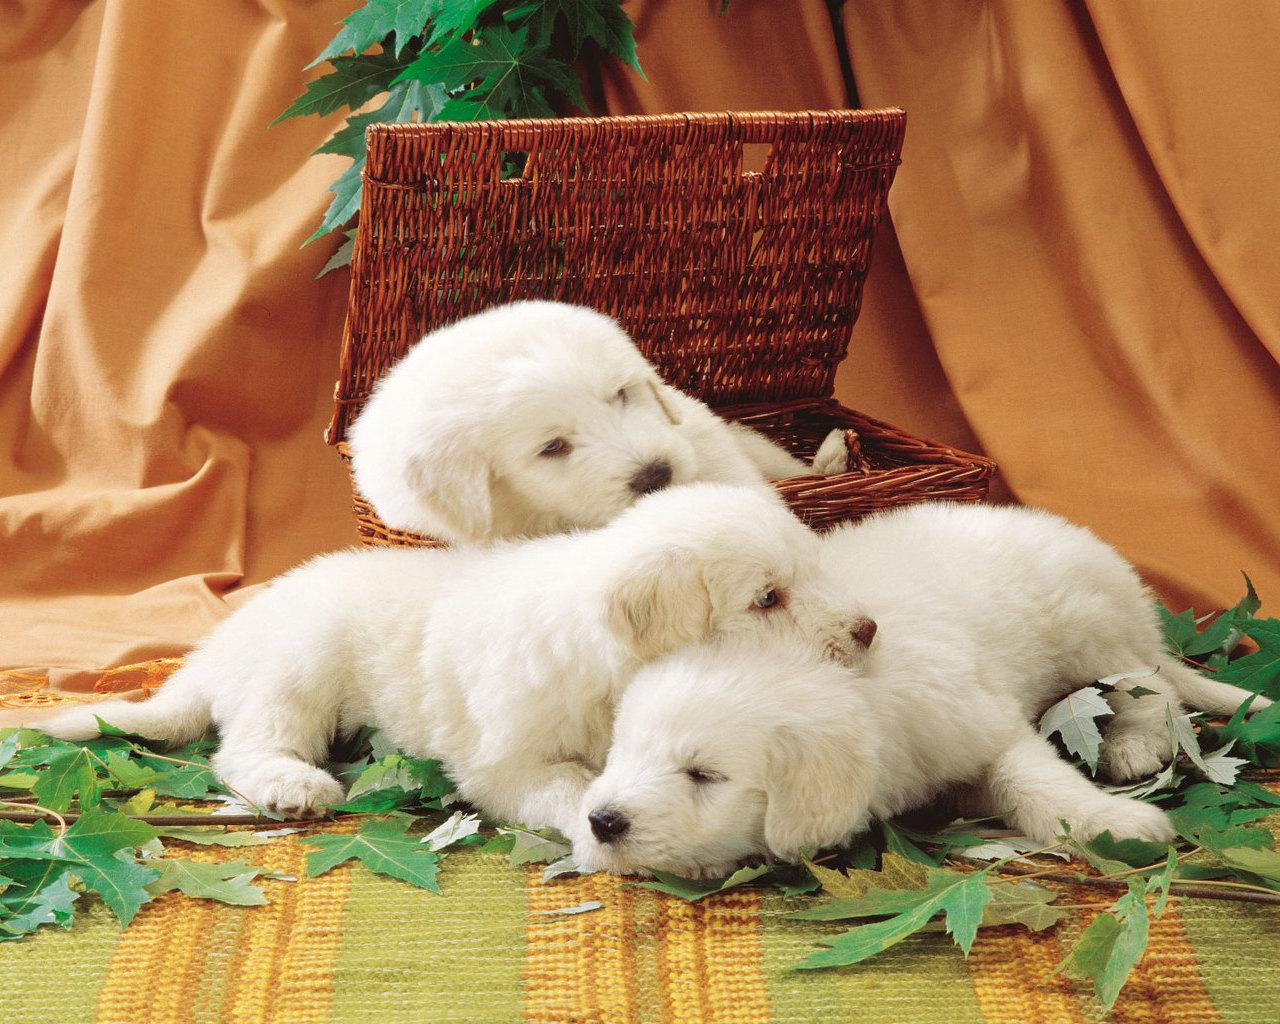 критику нравится-пусть картинки с белыми щенками них нервы крепче